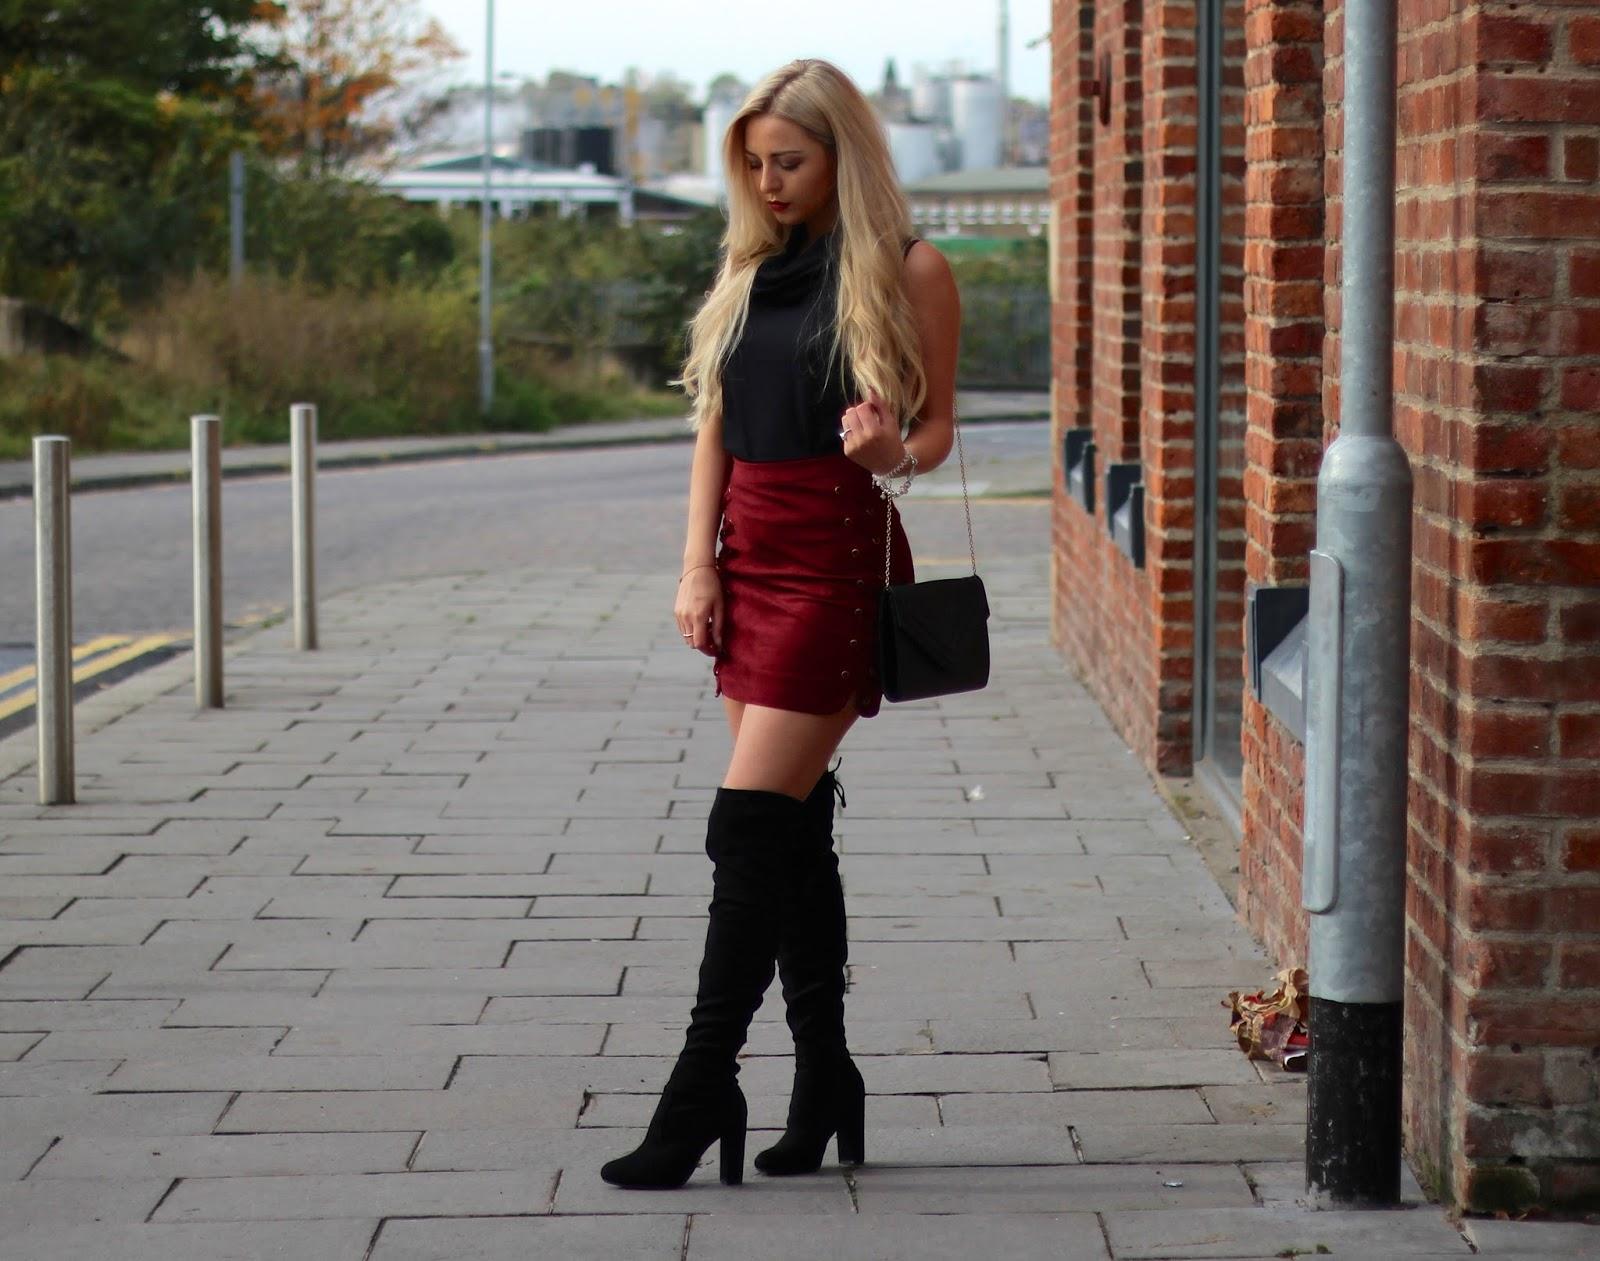 Skirt Knee High 118